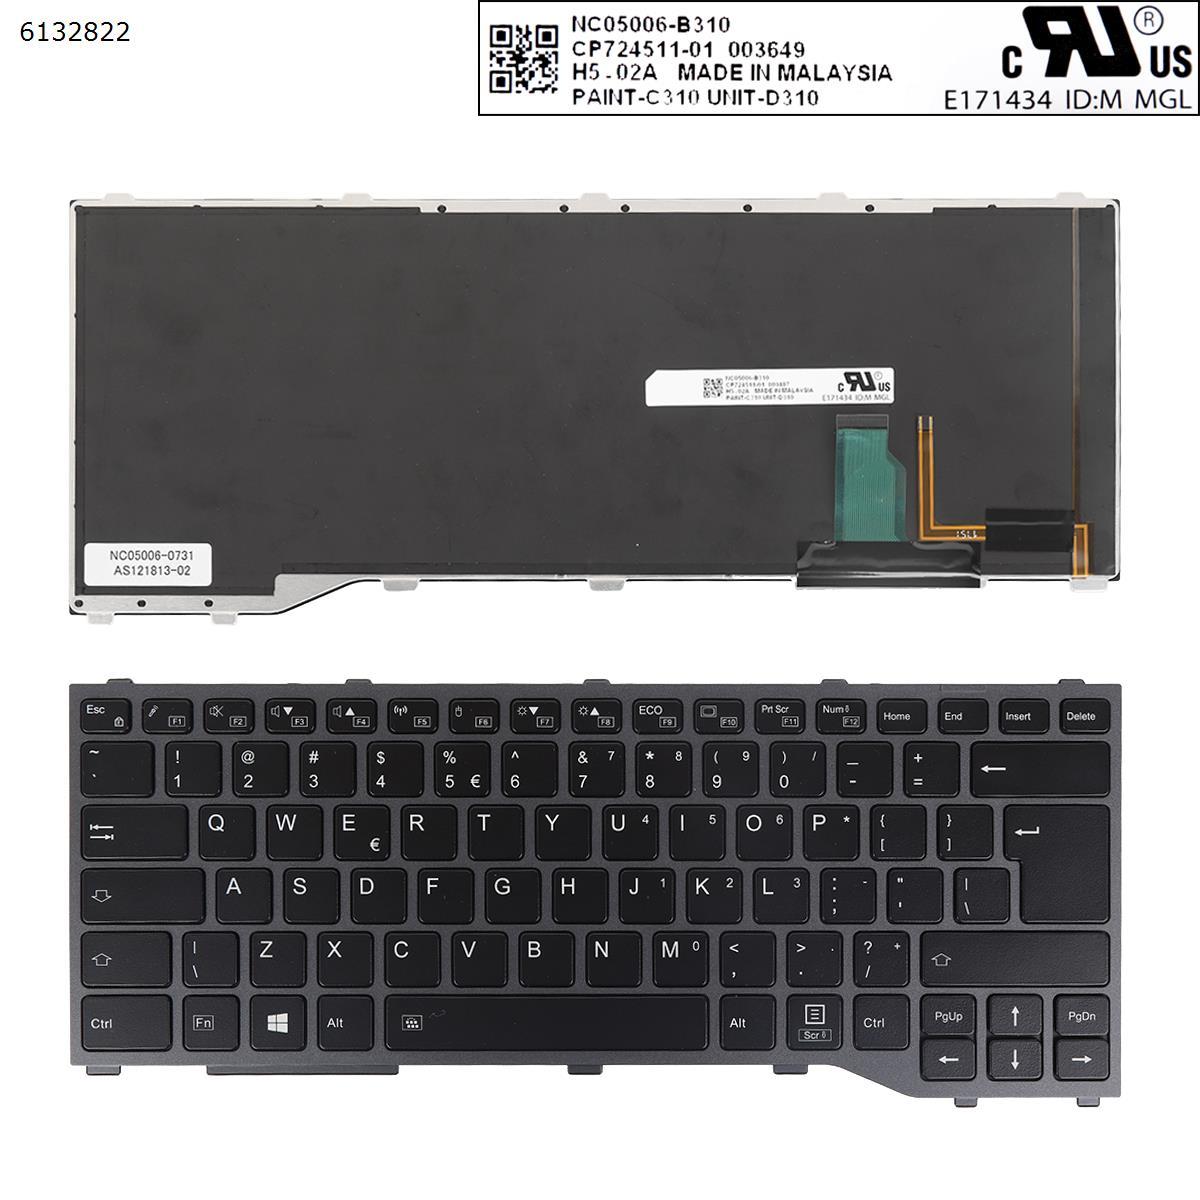 لوحة مفاتيح جديدة US UI US-International لأجهزة الكمبيوتر المحمول فوجيتسو سيمنز Lifebook T937 T938 مع إطار بإضاءة خلفية مفتاح إدخال كبير